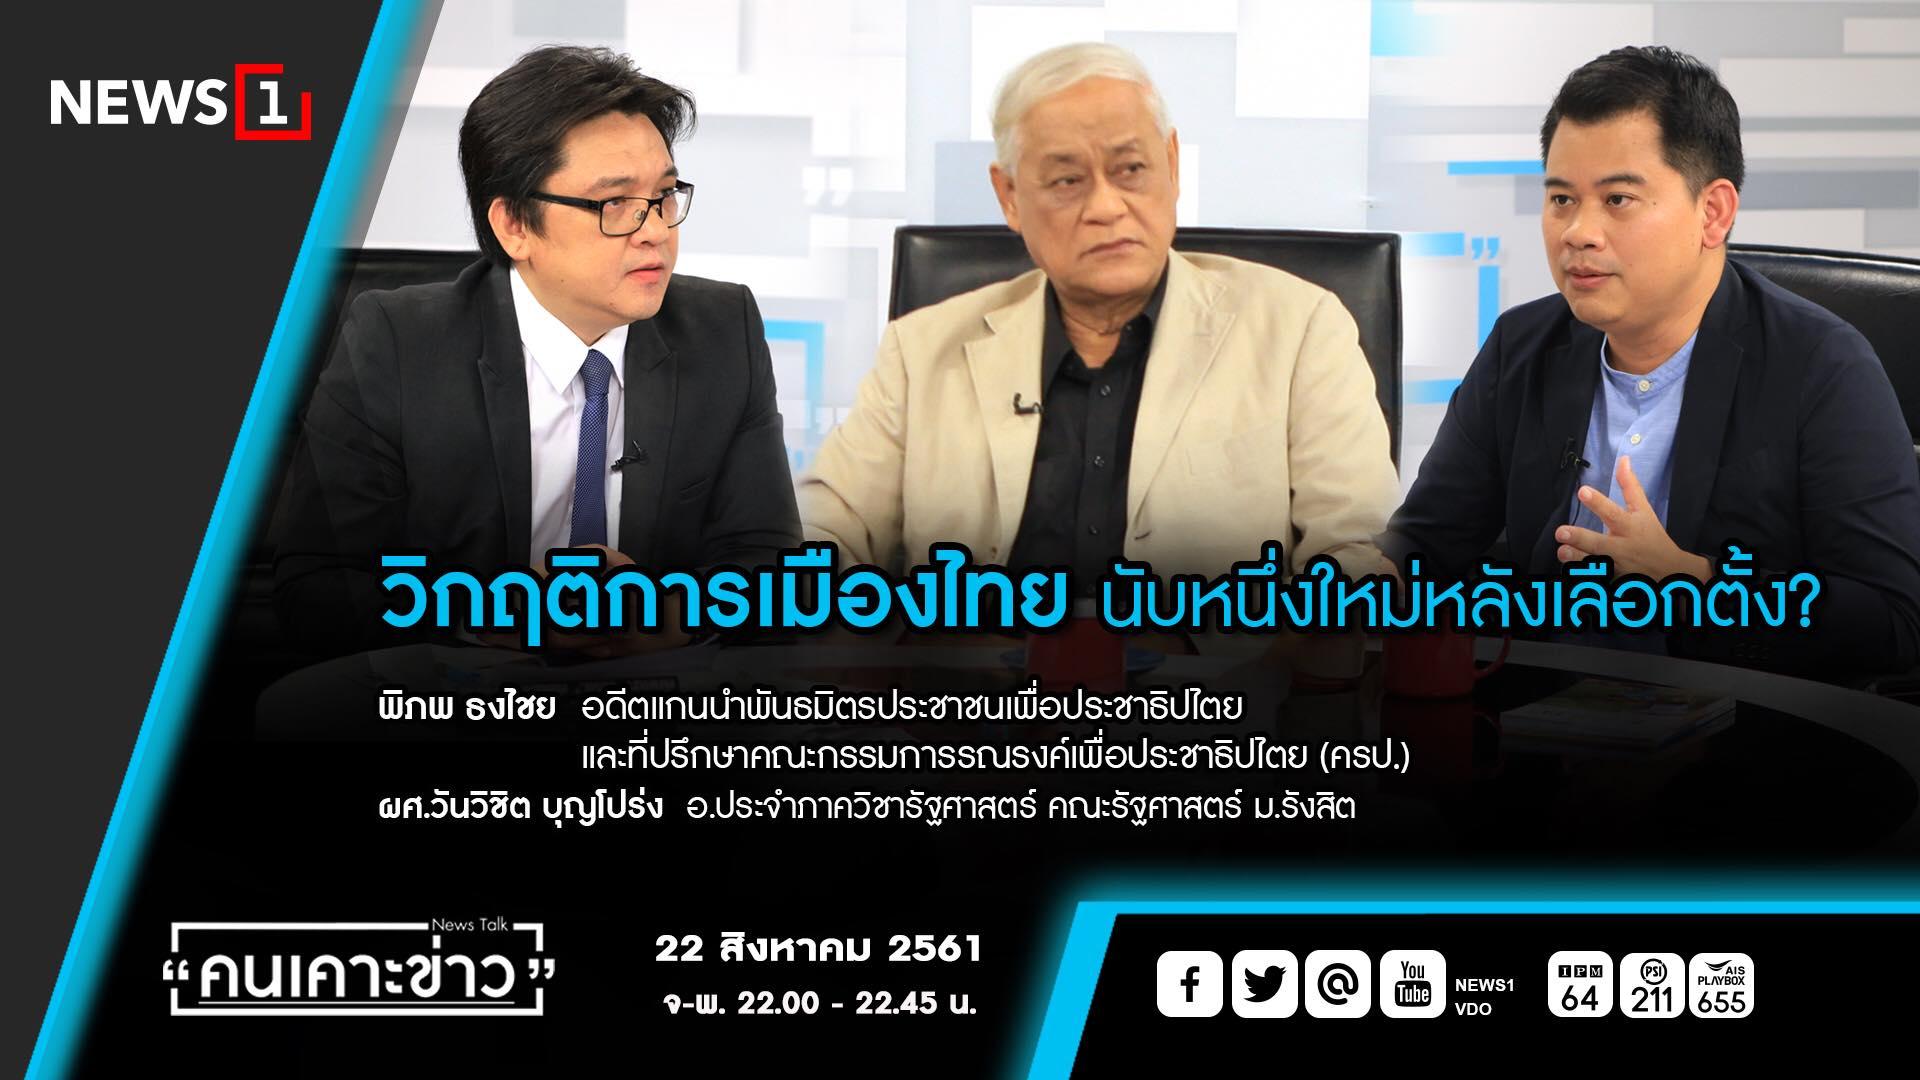 วิกฤติการเมืองไทย นับหนึ่งใหม่หลังเลือกตั้ง?